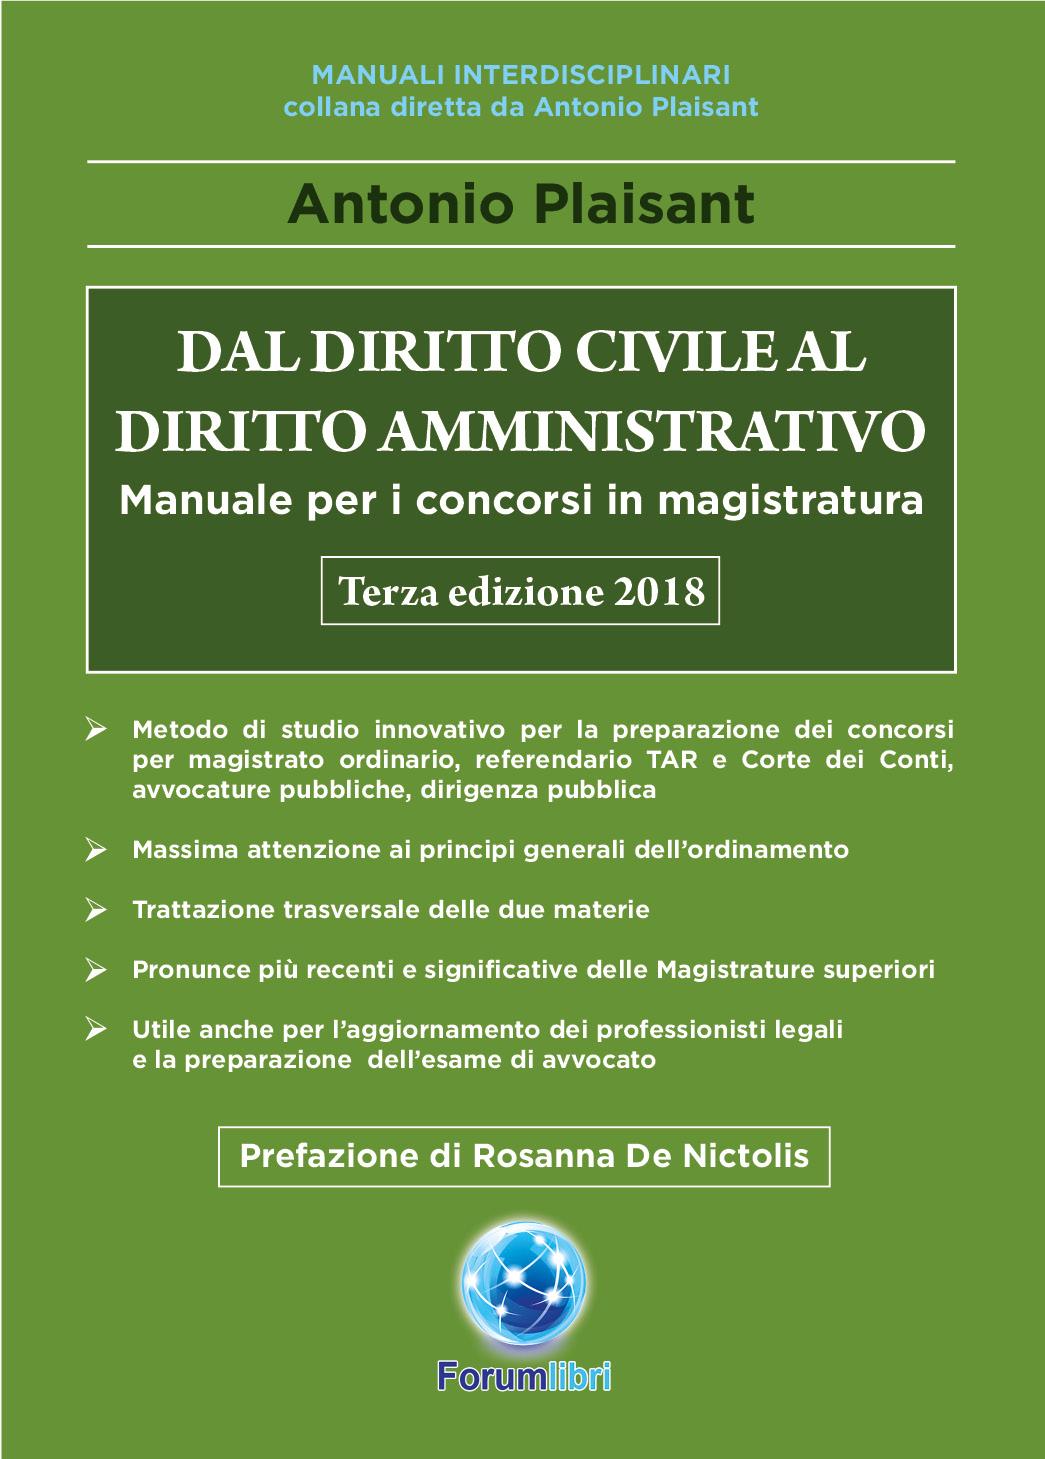 Dal Diritto Civile al Diritto Amministrativo